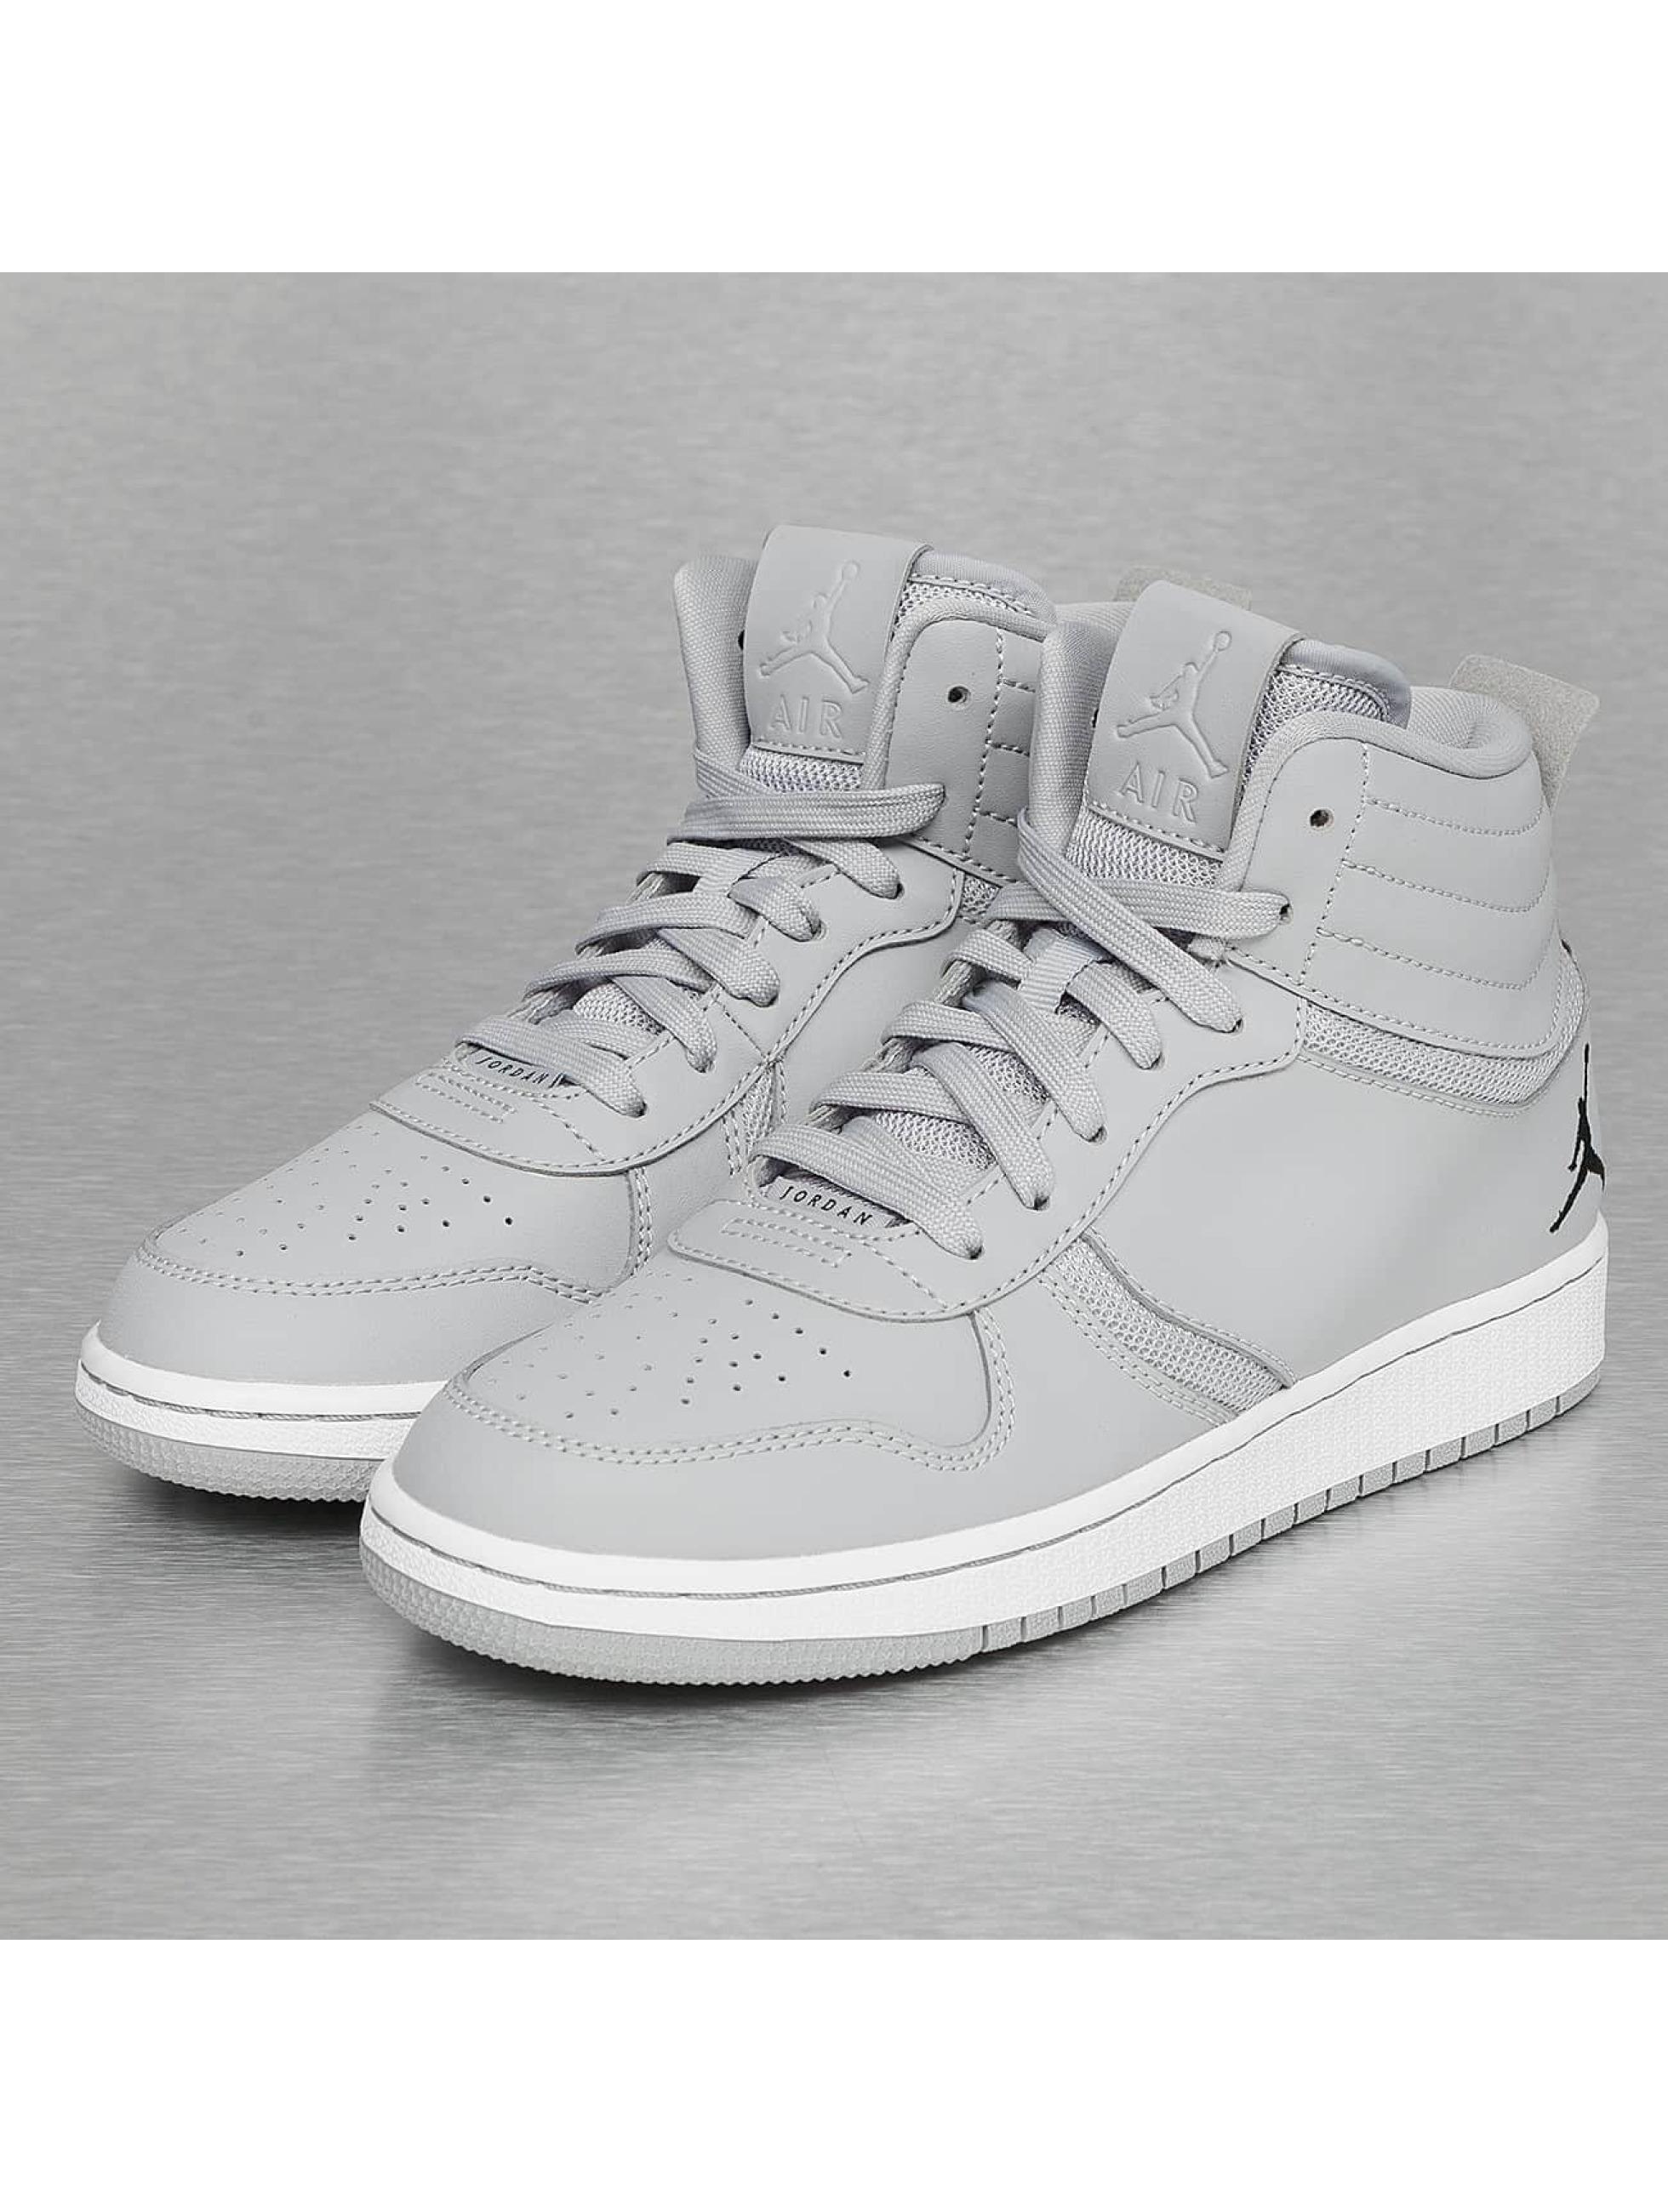 Jordan Sneakers Heritage BG gray